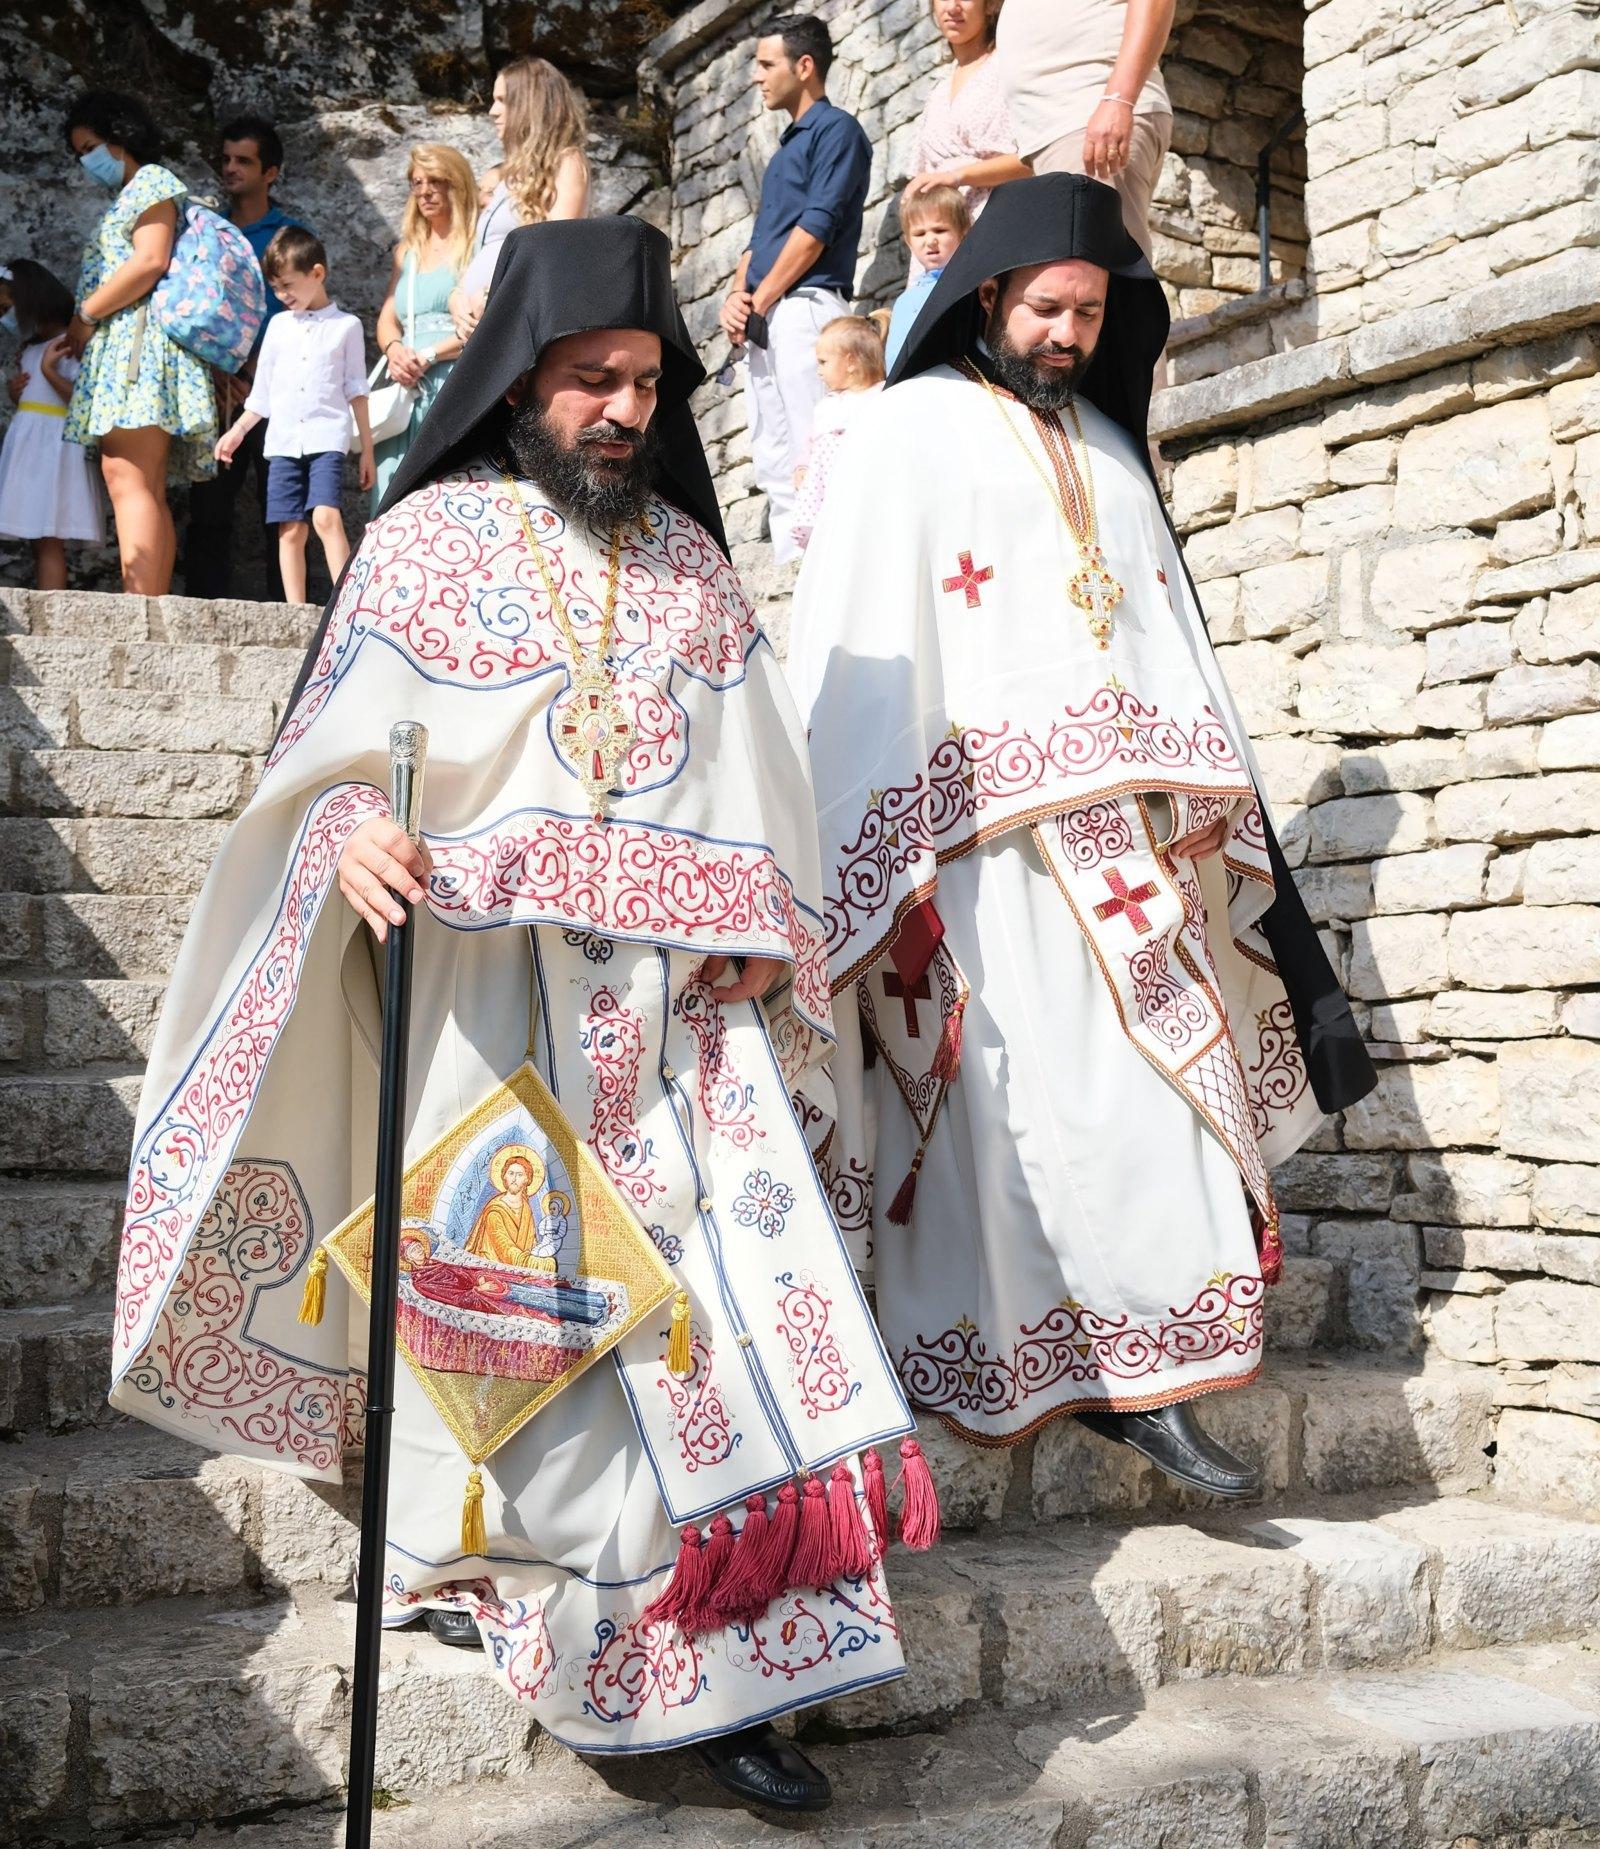 DSCF7912  - Ο Επίσκοπος Μελιτηνής στην Ι. Μονή Παναγίας Πελεκητής